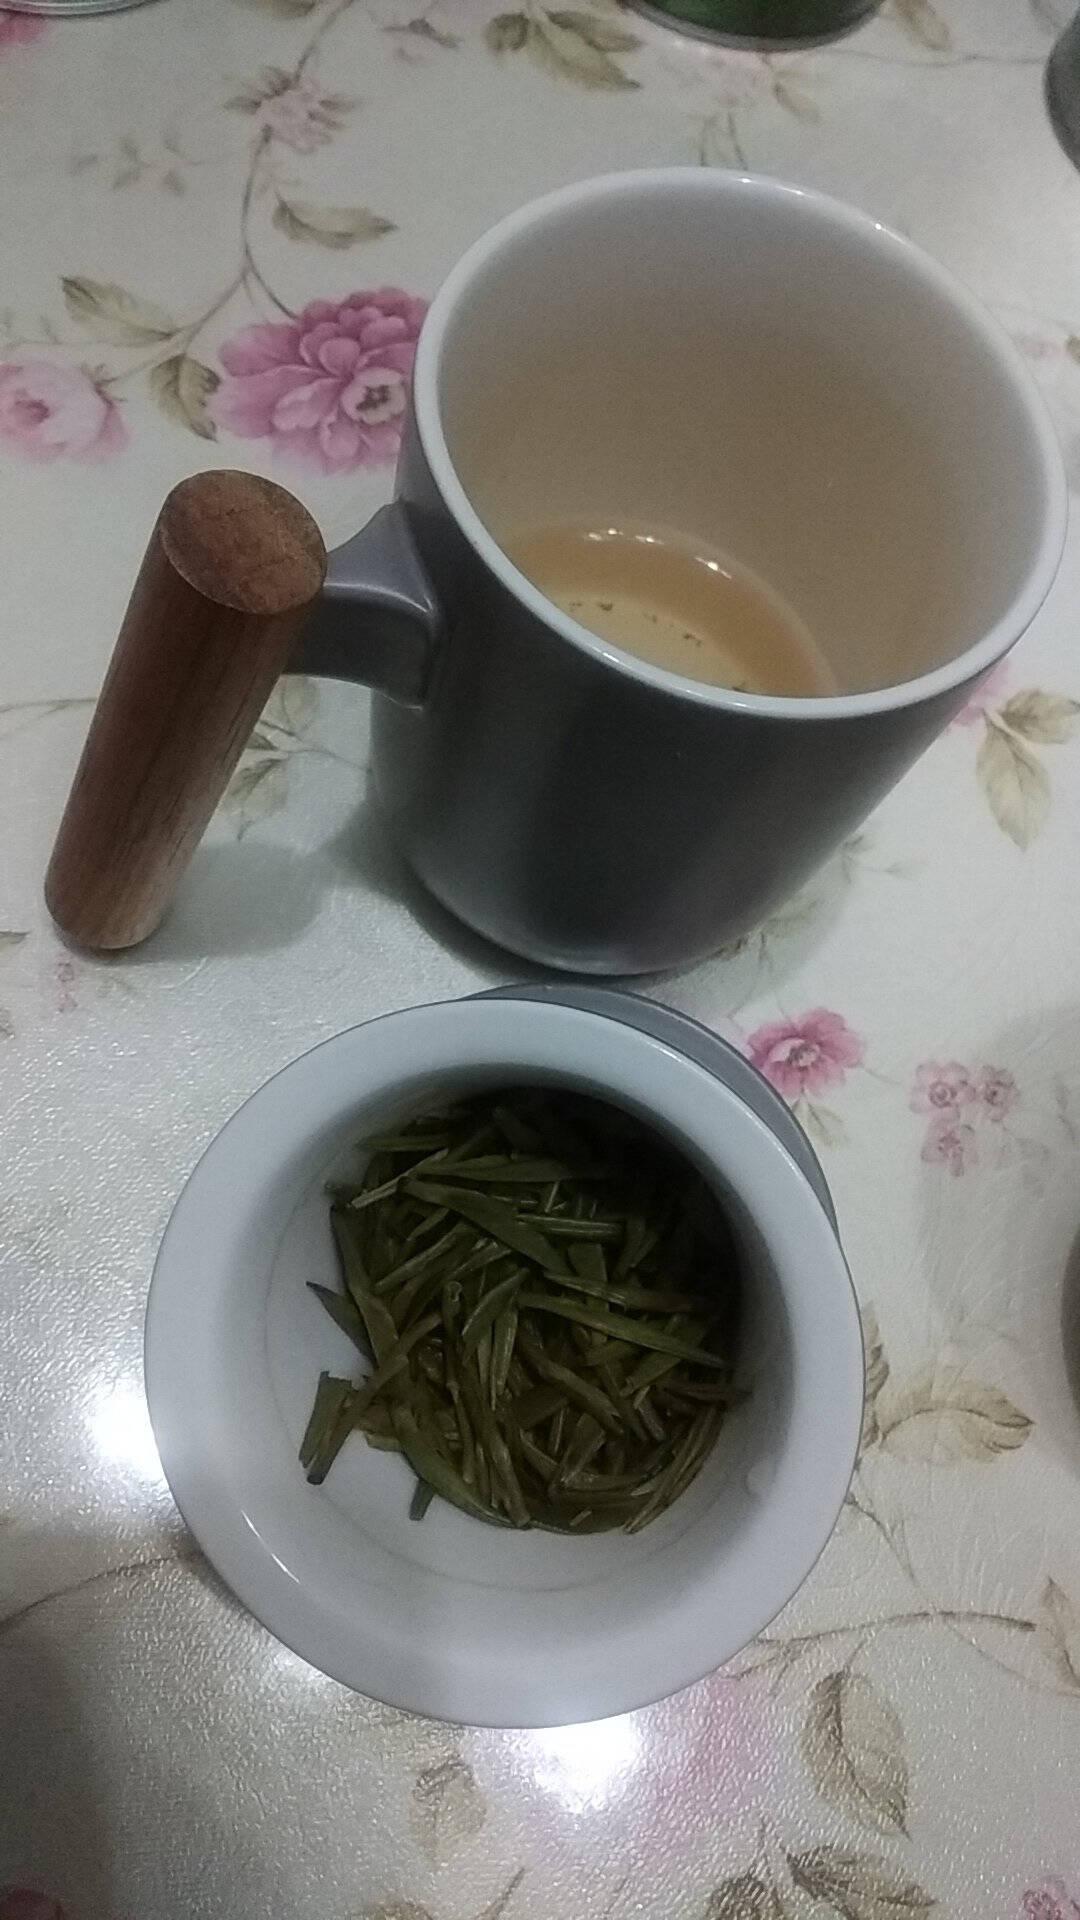 美厨(maxcook)带茶漏茶杯陶瓷三件杯马克杯水杯泡茶杯咖啡杯早餐杯带滤隔380ml哑光灰MCTC123